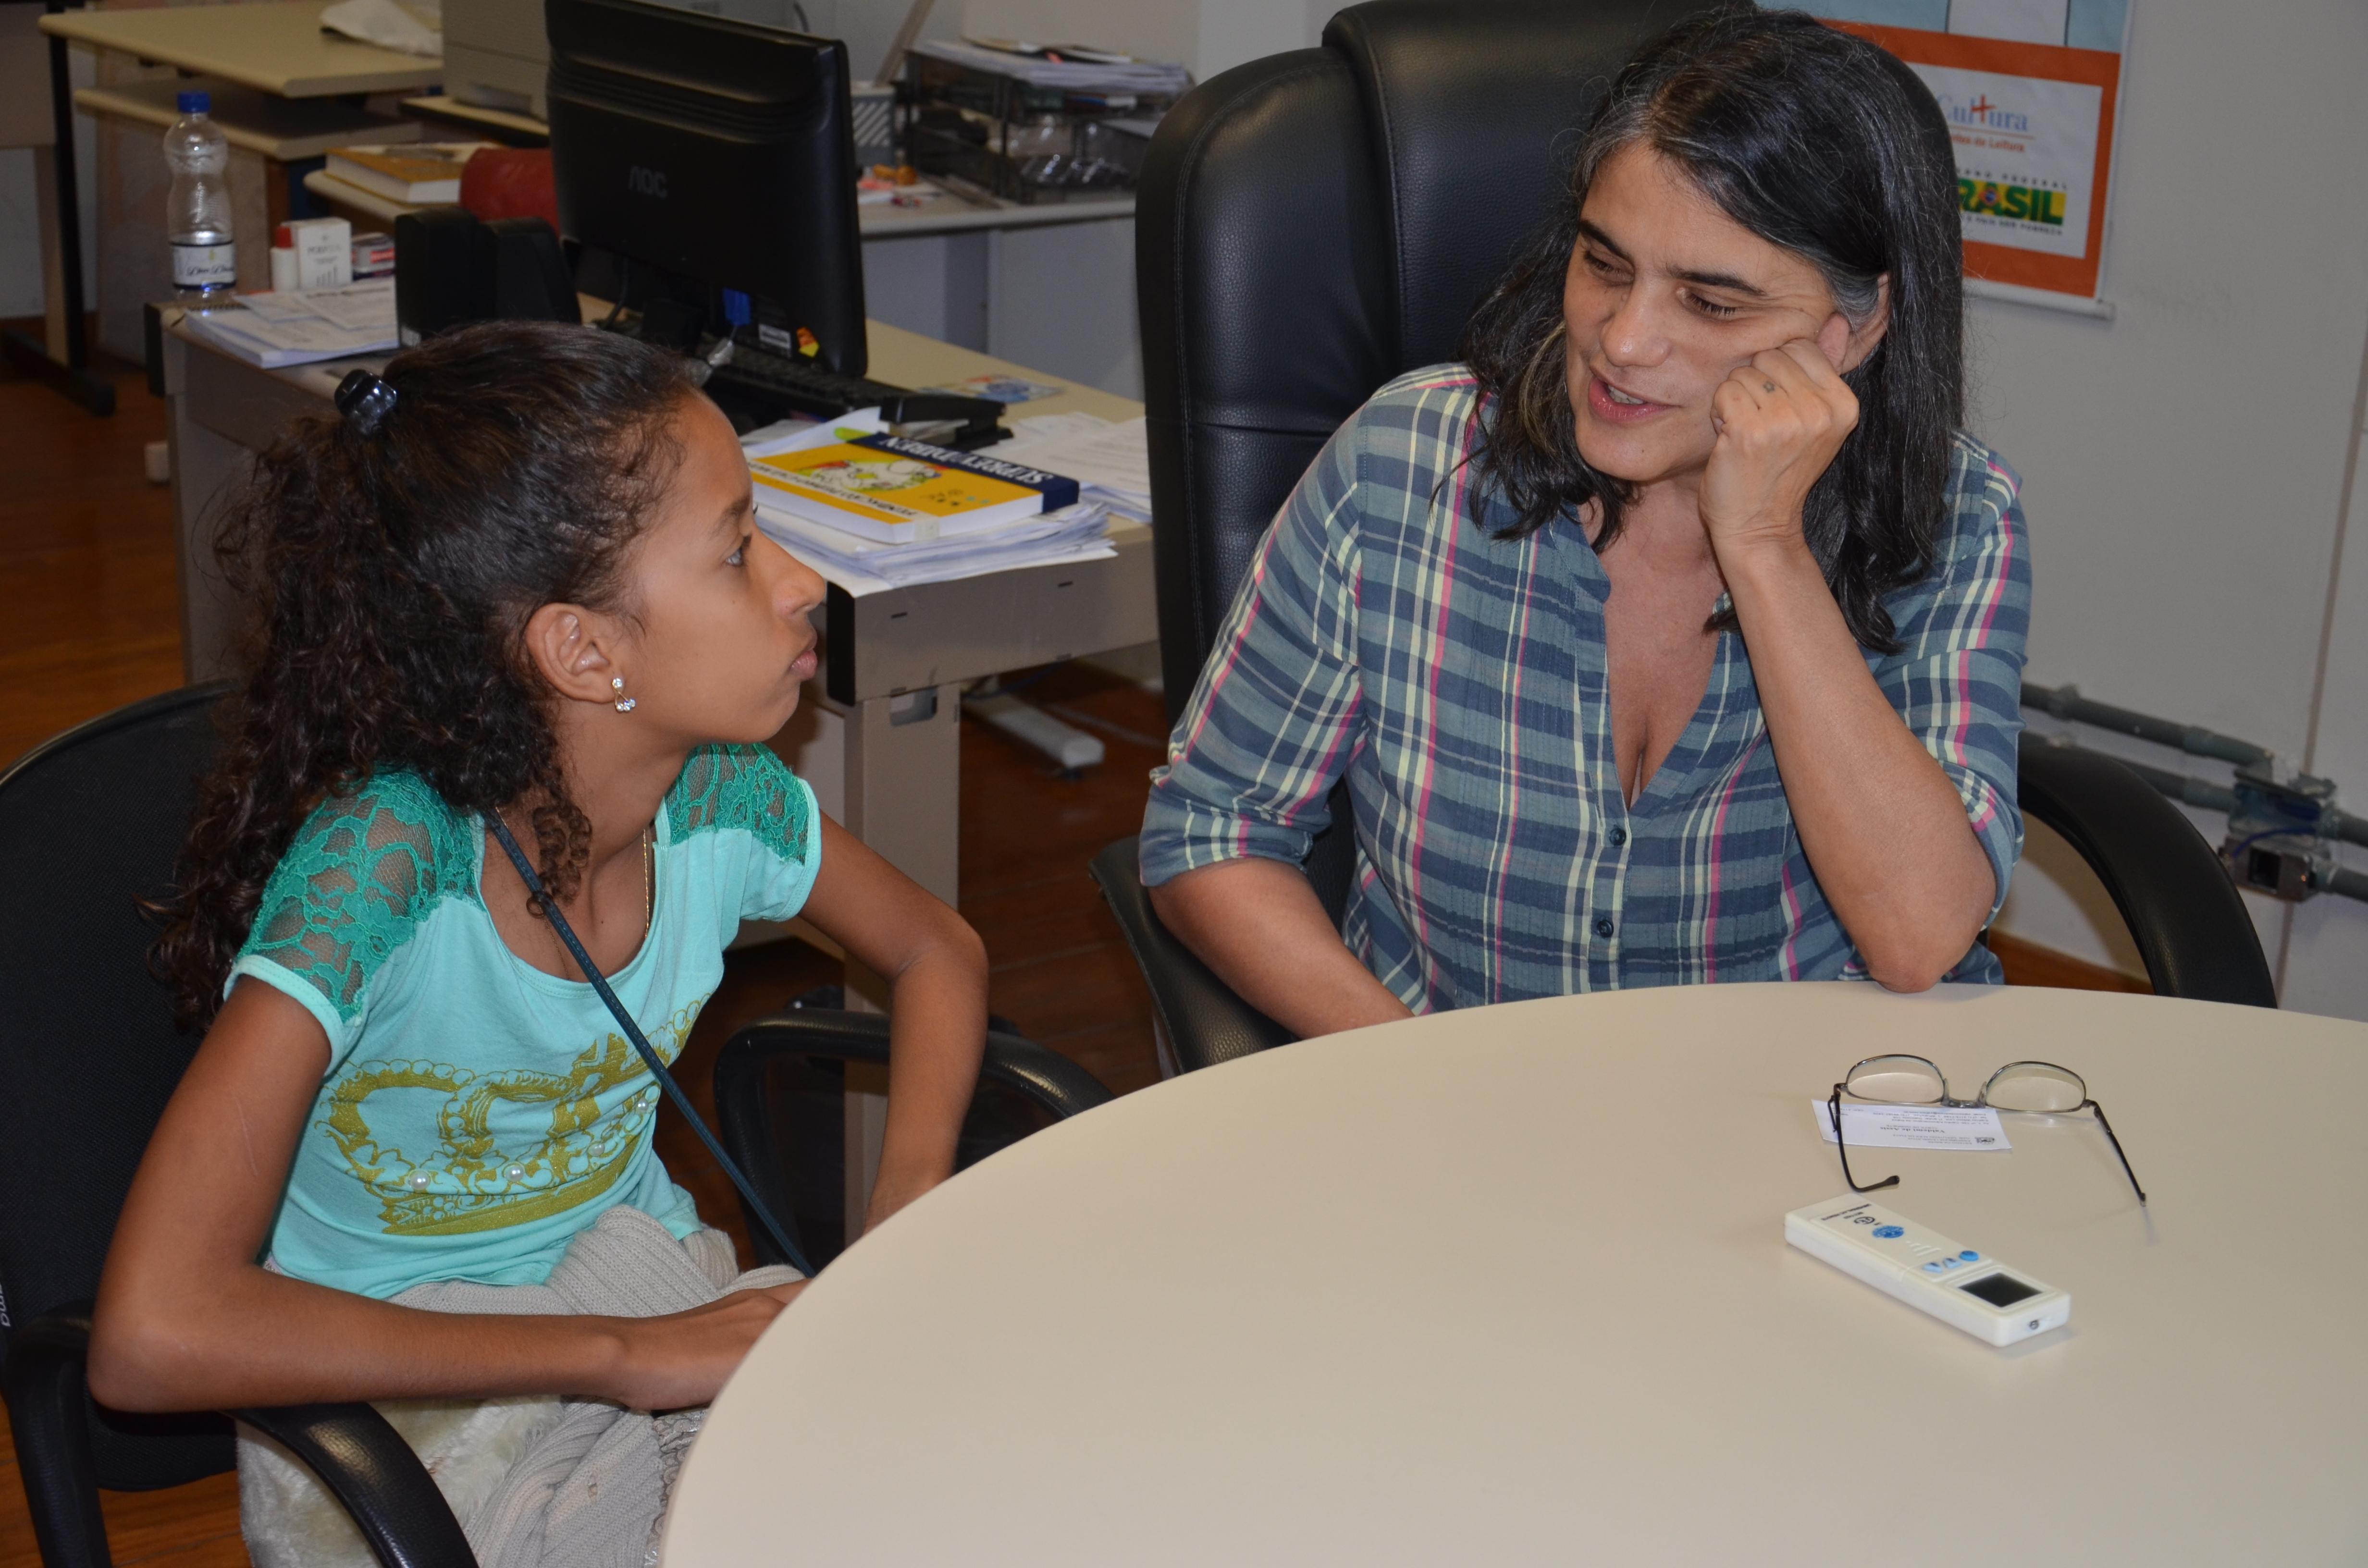 Mariangela, da Fundação Pedro Calmon, se impressiona com a garota Clarinha.